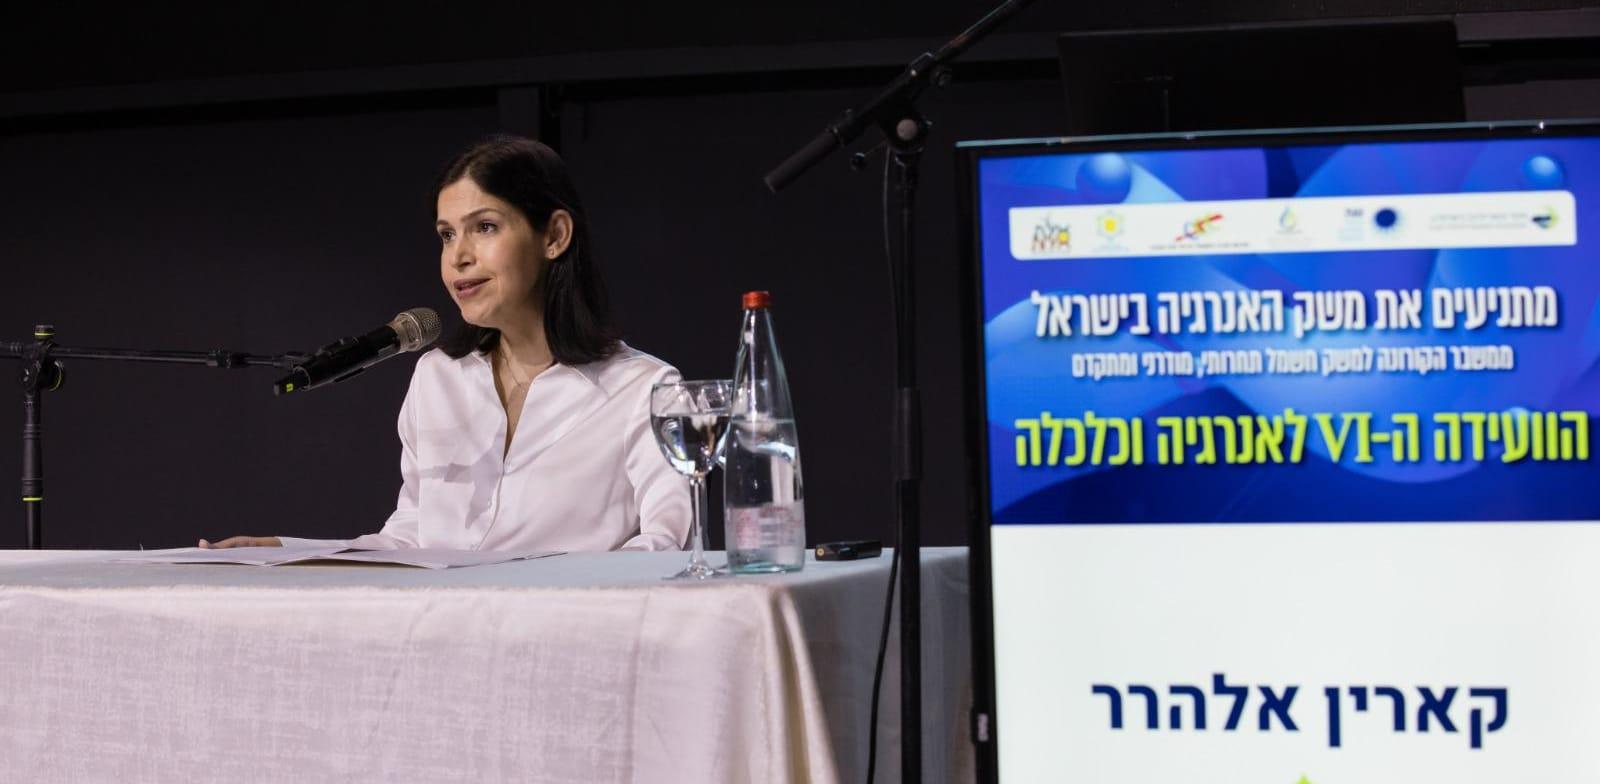 שרת האנרגיה קארין אלהרר בוועידה / צילום: שאולי לנדנר